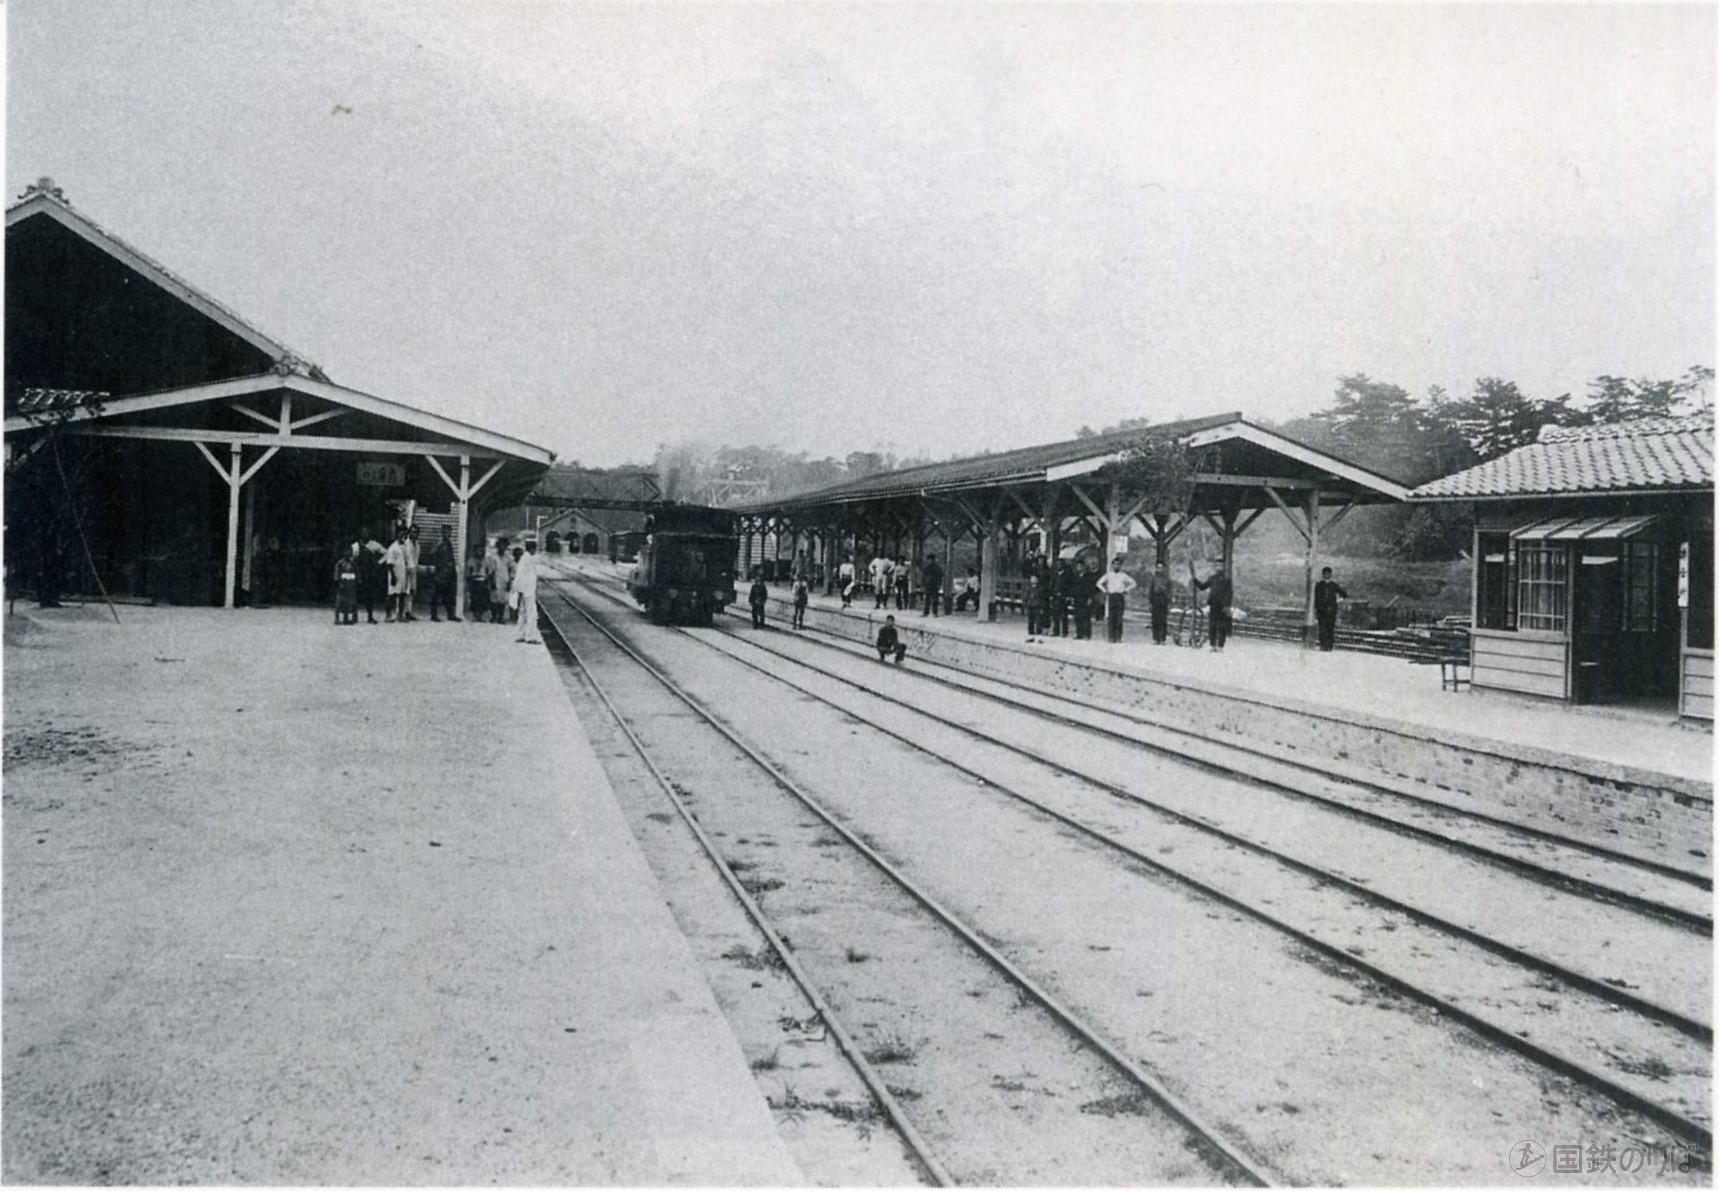 1898年(明治31年)頃・関西鉄道時代の柘植駅。関西参宮鉄道案内記」(明治31年10月8日発行)。写真はパブリックドメイン